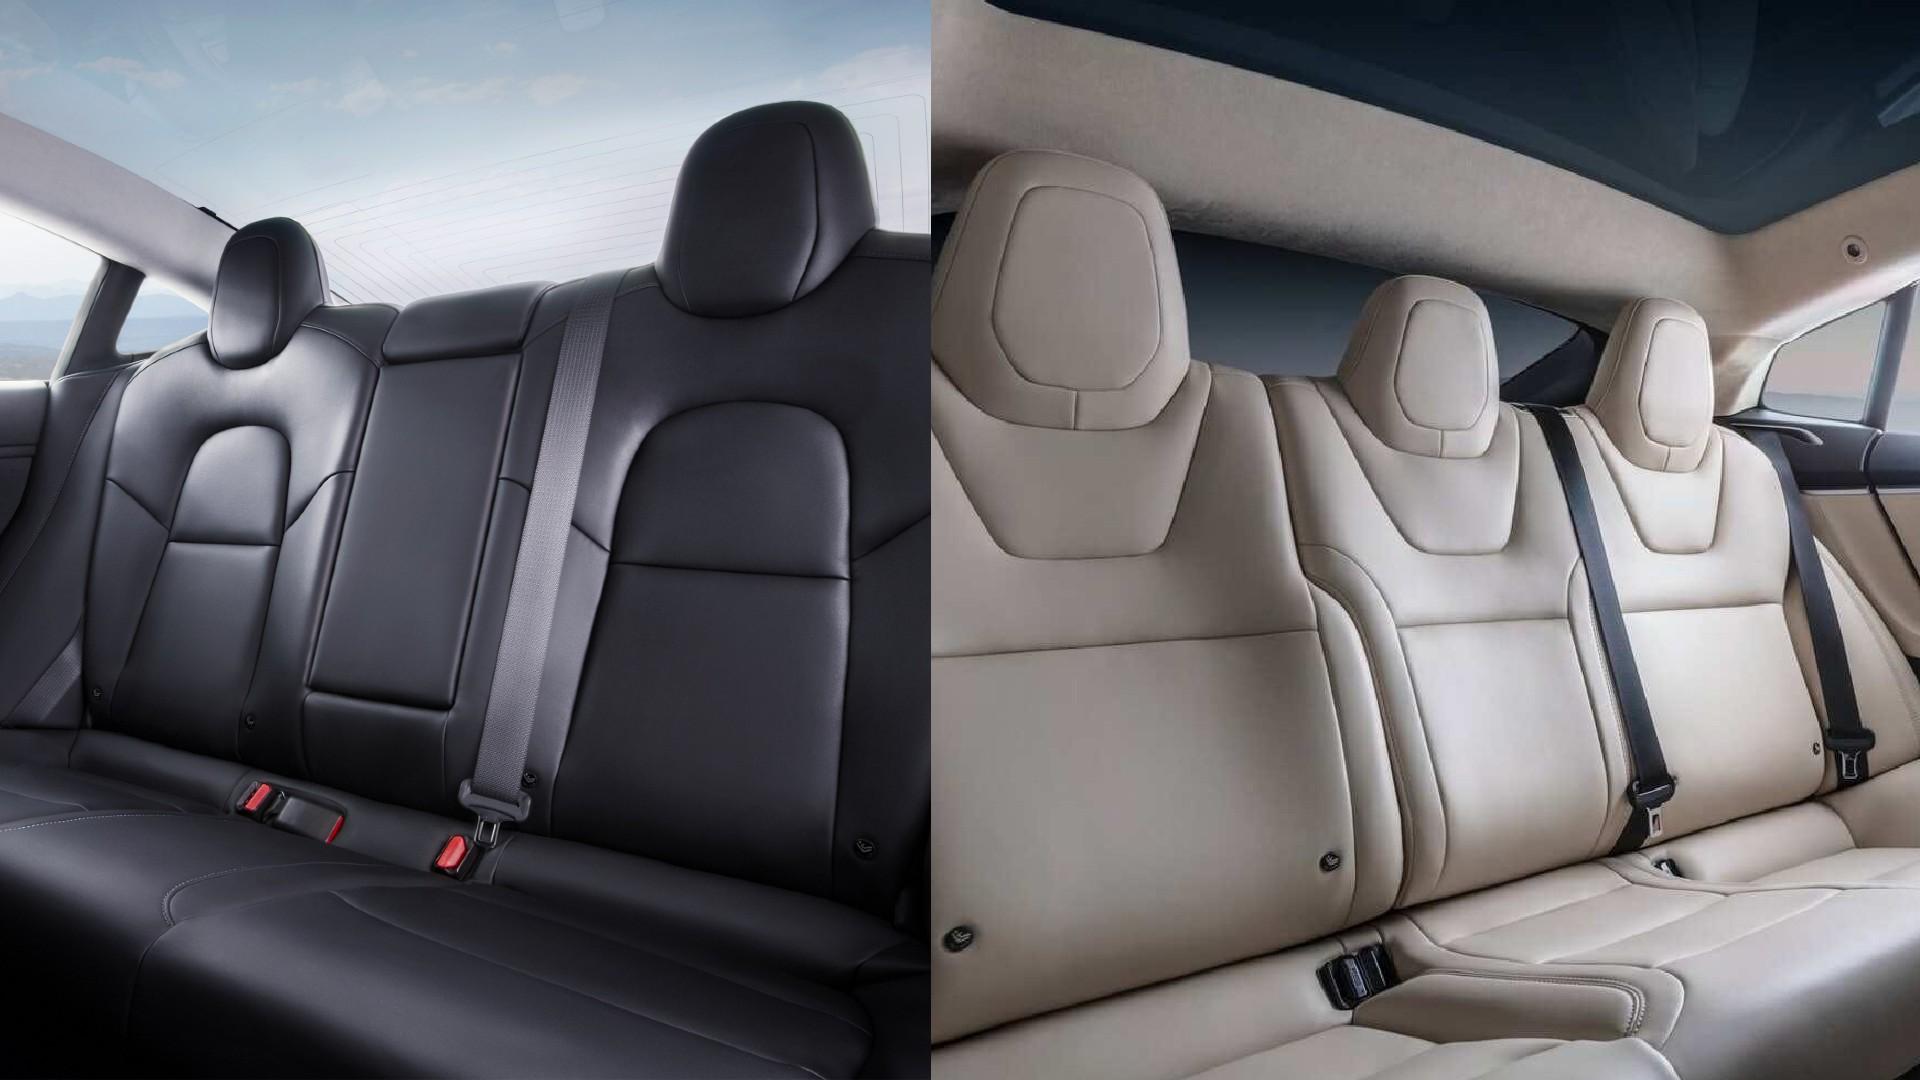 tesla-model-y-vs-model-s-seat-heater-test